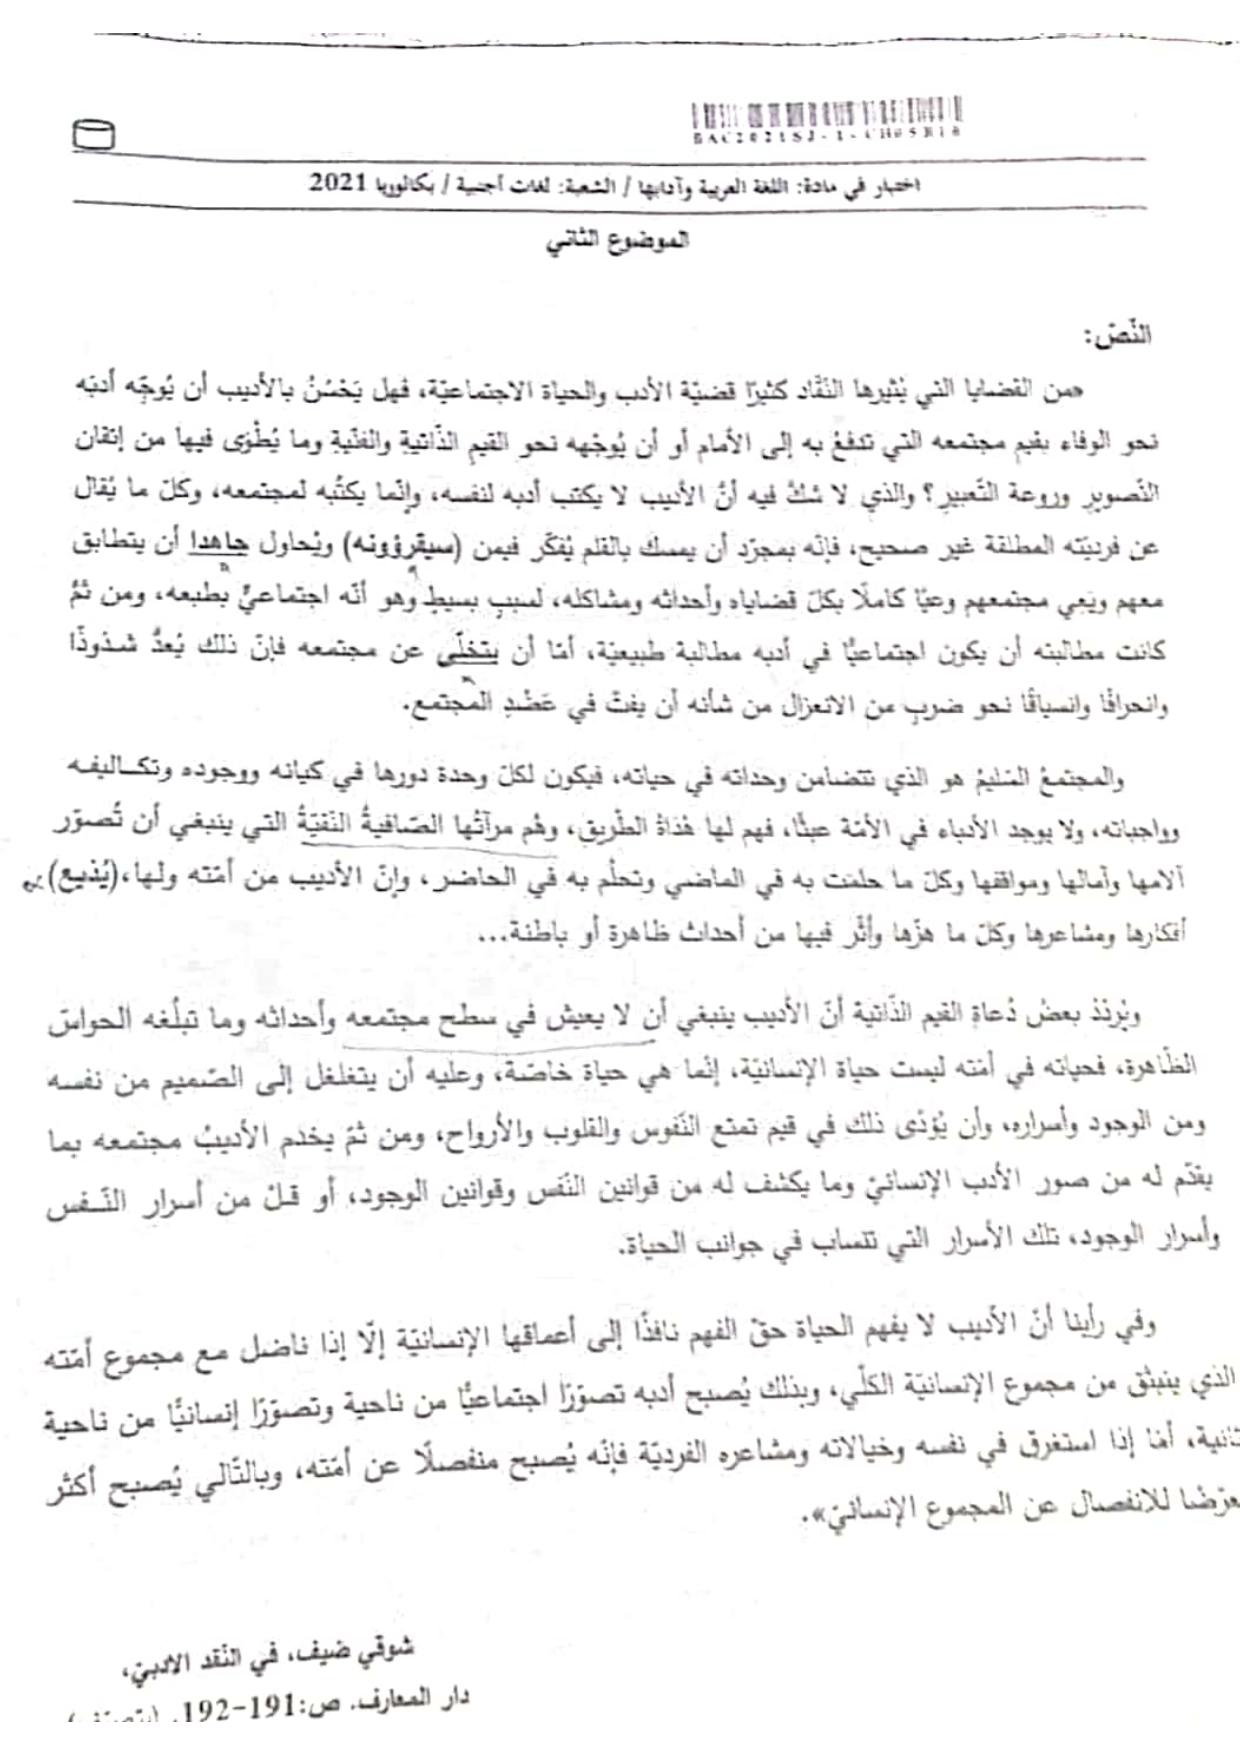 موضوع اللغة العربية بكالوريا 2021 شعبة لغات أجنبية